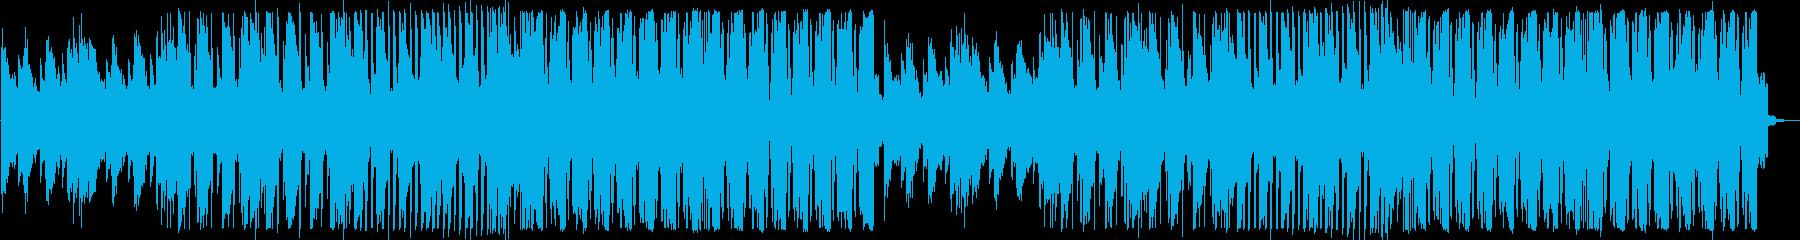 ファンタジーで感動的なフューチャーベースの再生済みの波形